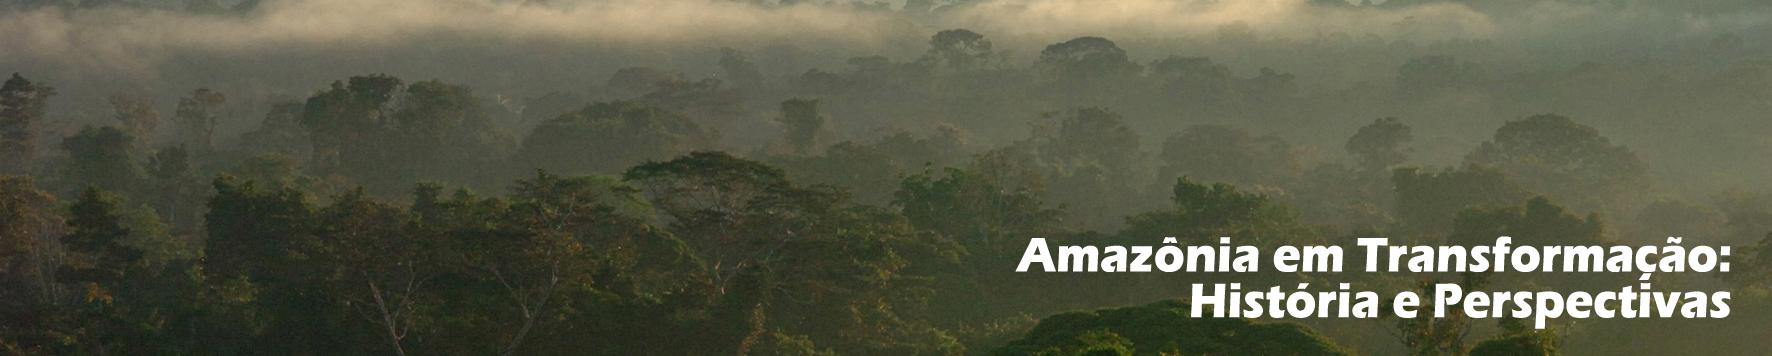 Amazônia em Transformação - Capa